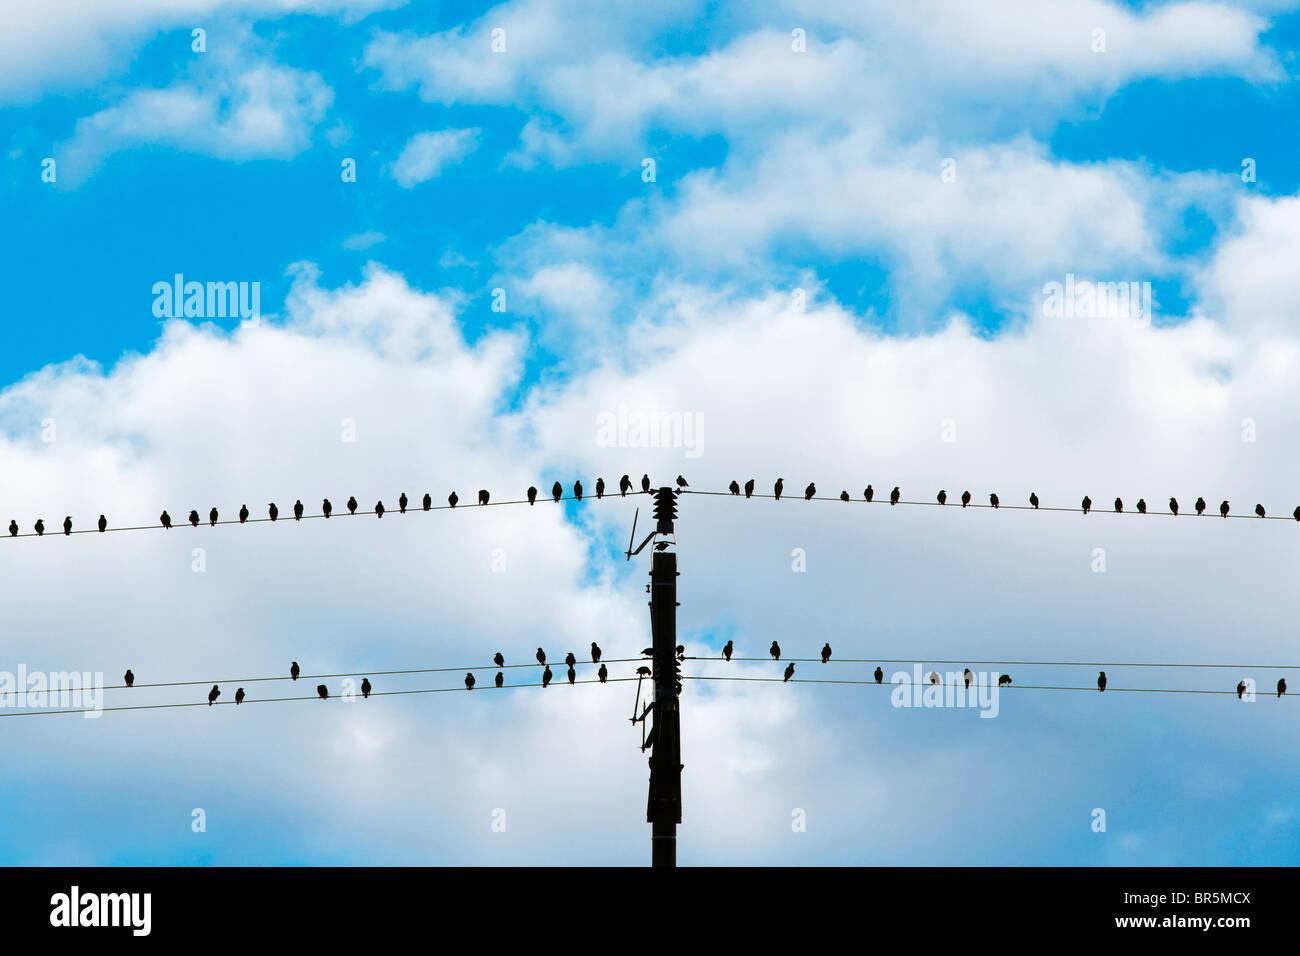 Vögel sitzen auf Strom Kabel - blauer Himmel und weiße Wolken Stockbild